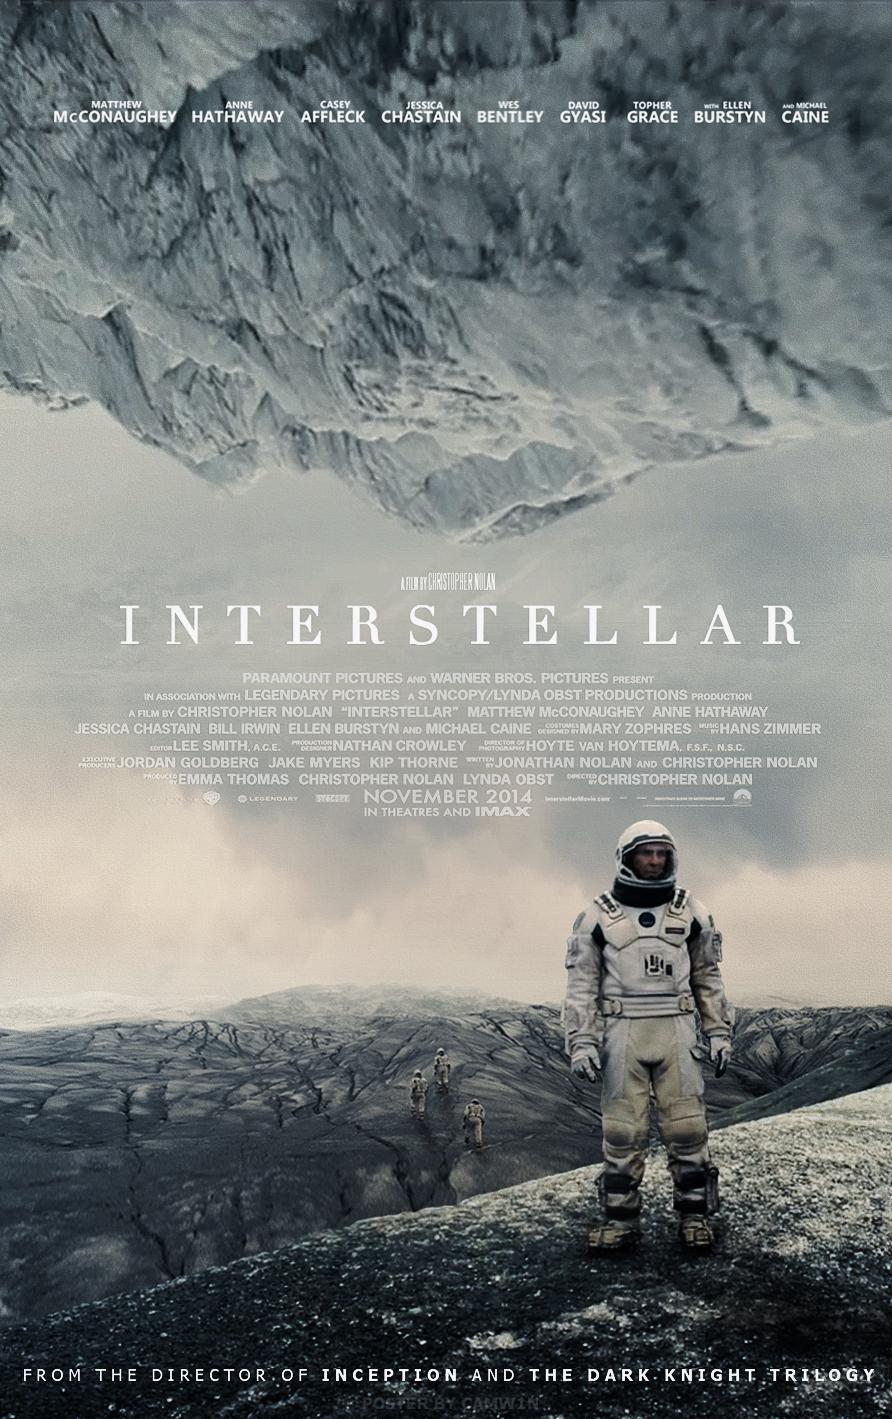 Interstellar (2014) - Poster # 2 by CAMW1N on DeviantArt  Interstellar (2...